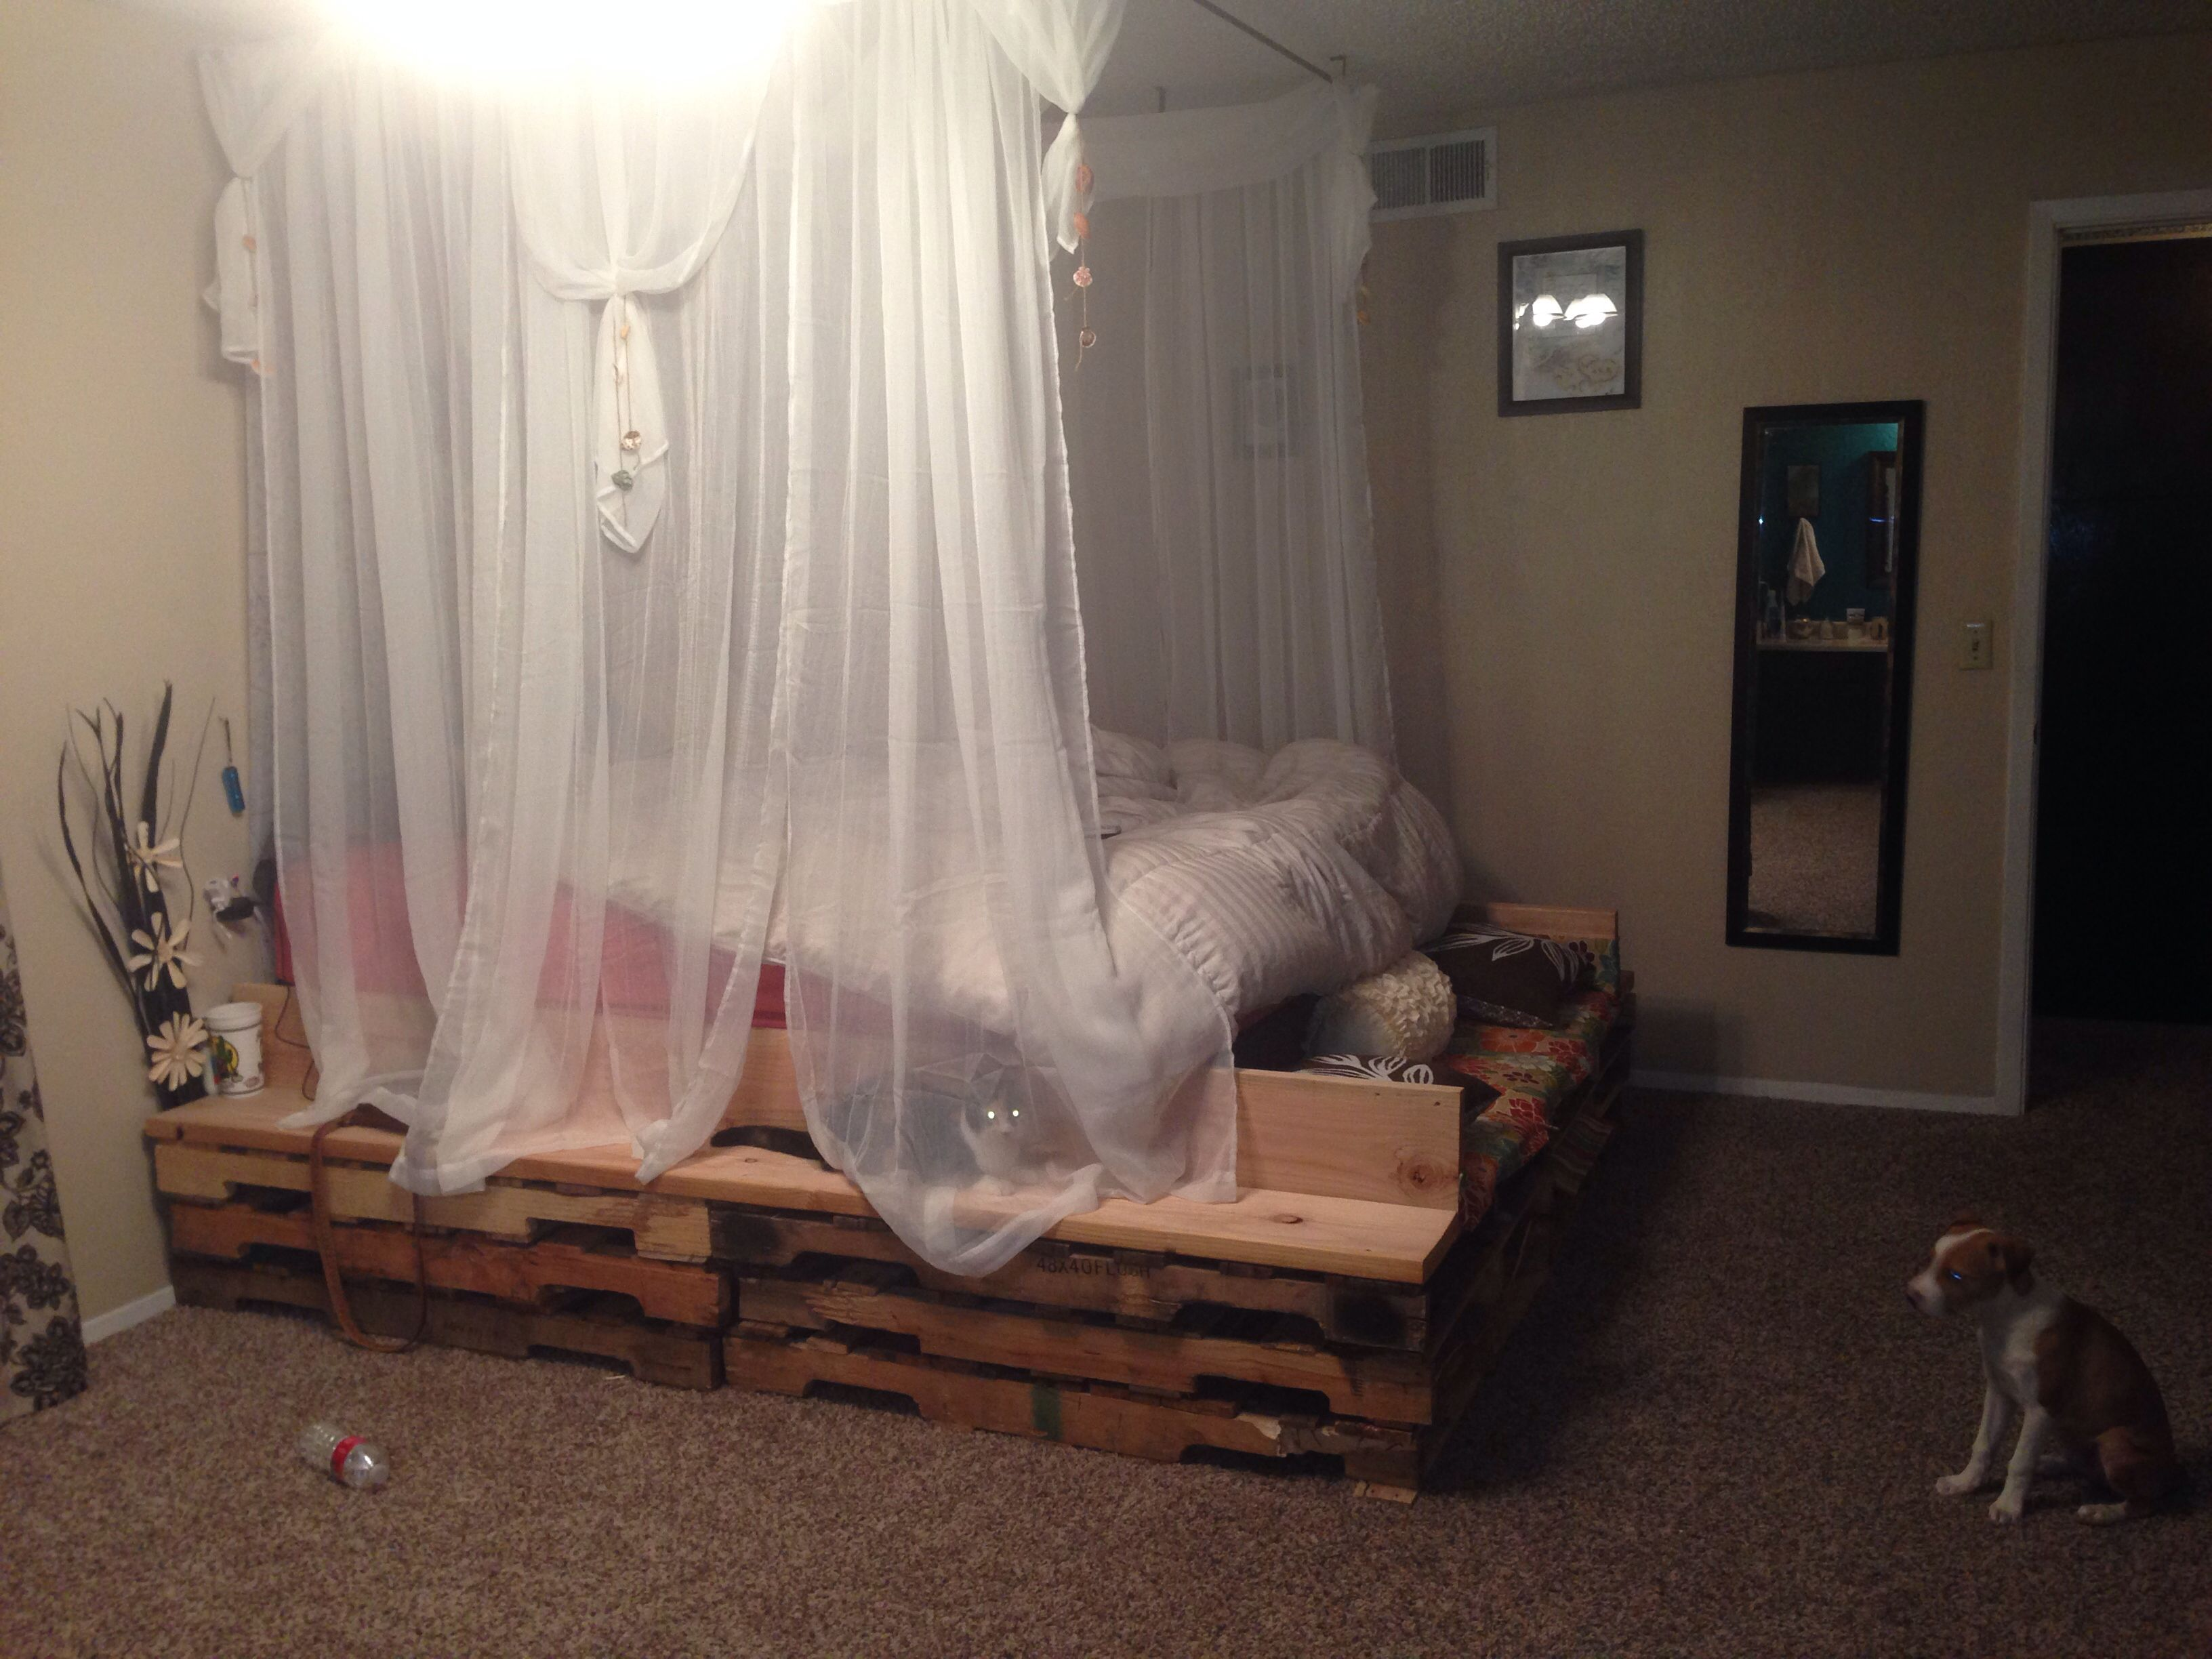 Diy Pallet Bed Amp Canopy Diy Pallet Bed Diy Pallet